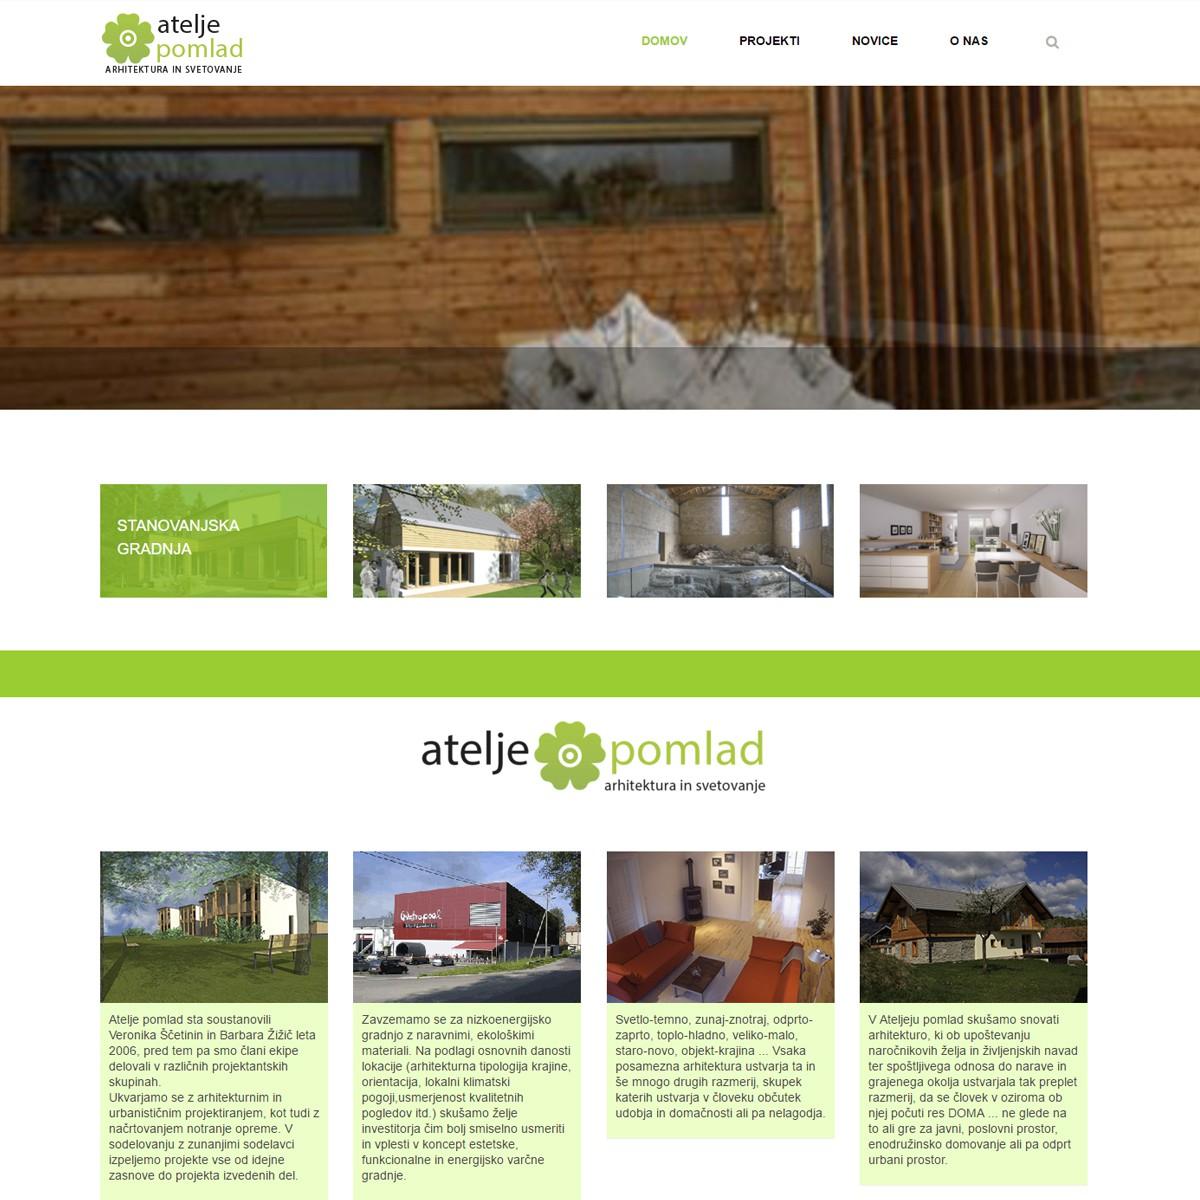 Spletna stran Atelje Pomlad